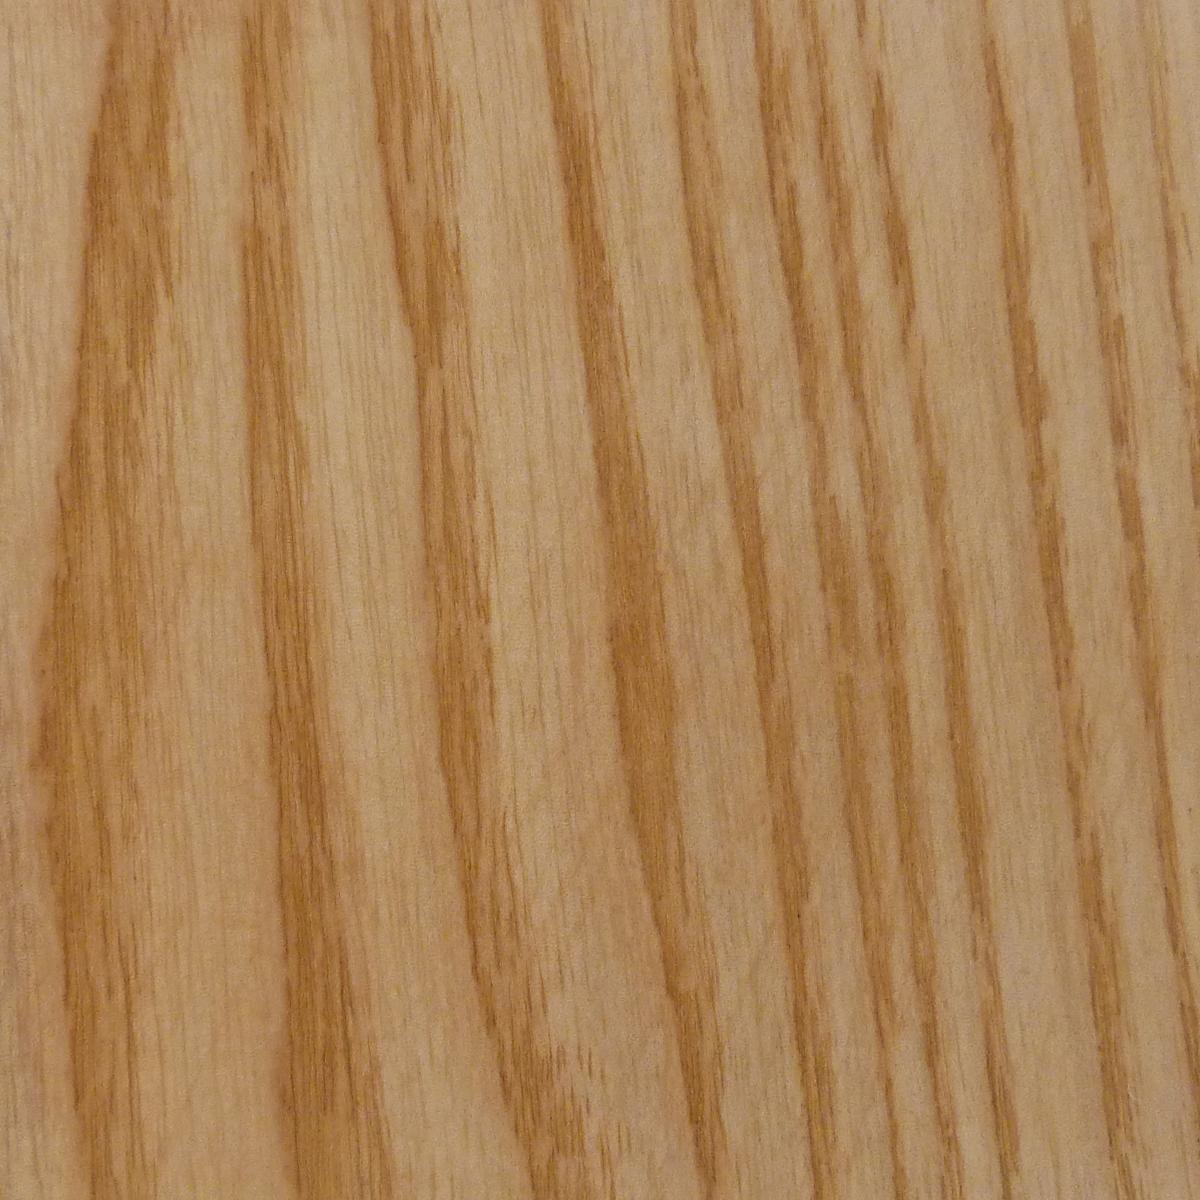 Oak, Pale